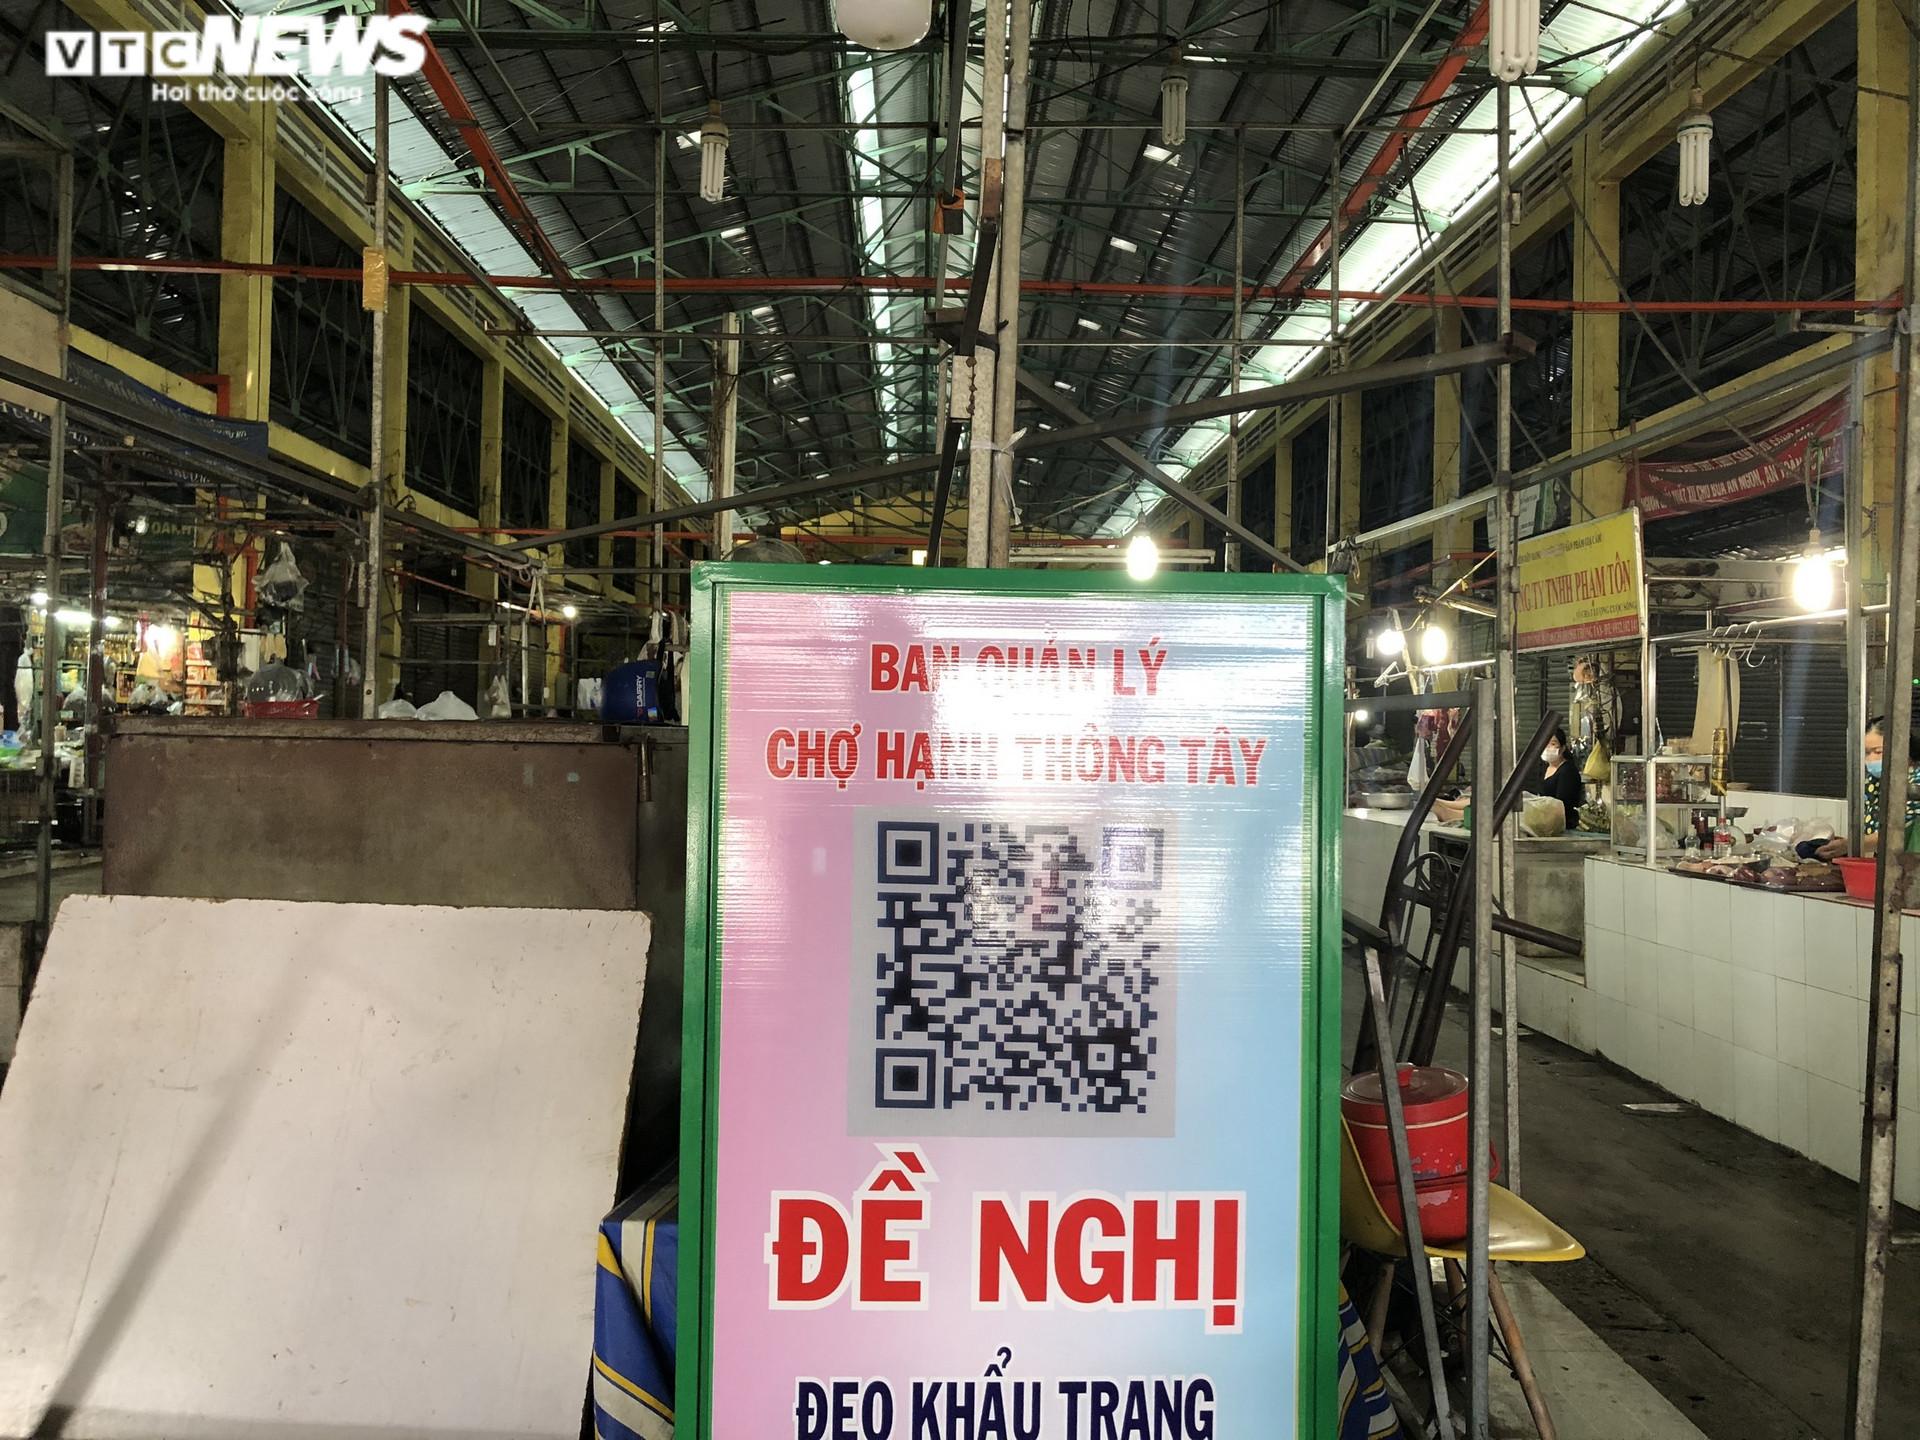 Ảnh: Hàng hóa chất đầy kệ, người Sài Gòn không cần lo thiếu thực phẩm - 3